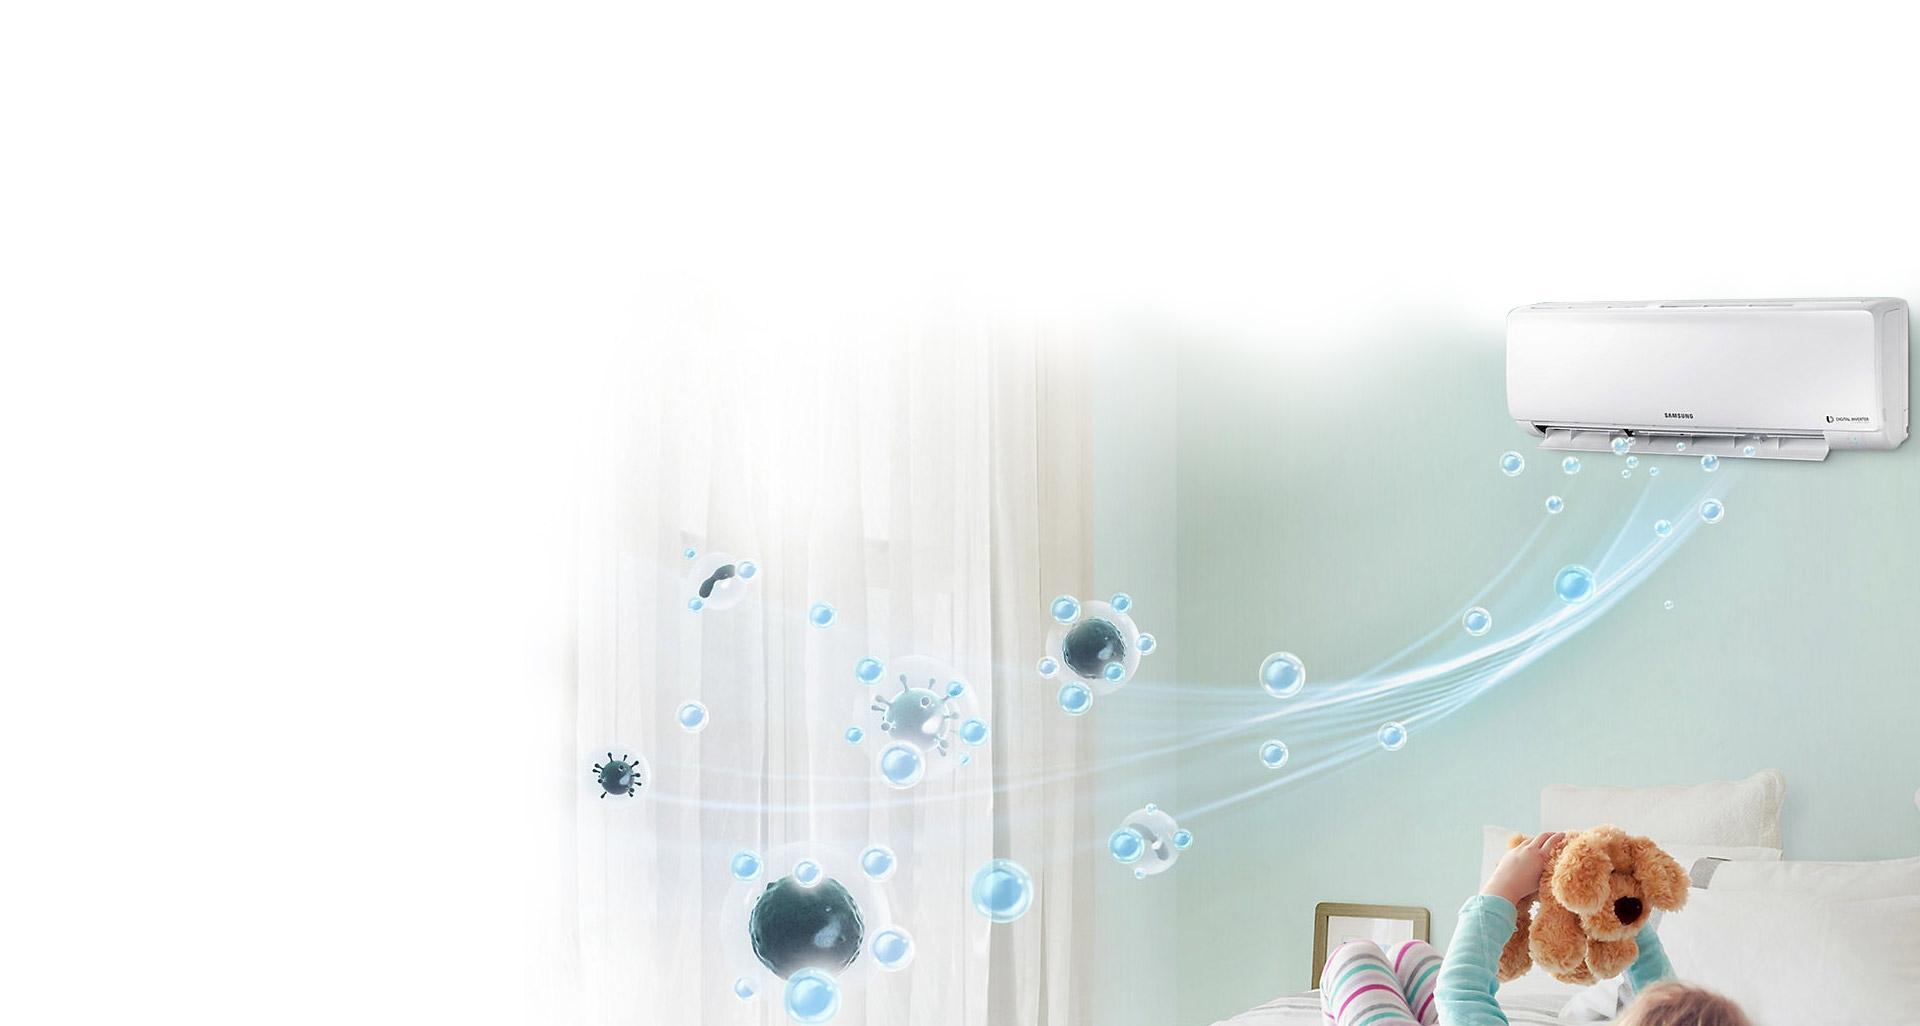 محیطی پاک و تمیز با تهویه هوا S-Inverter